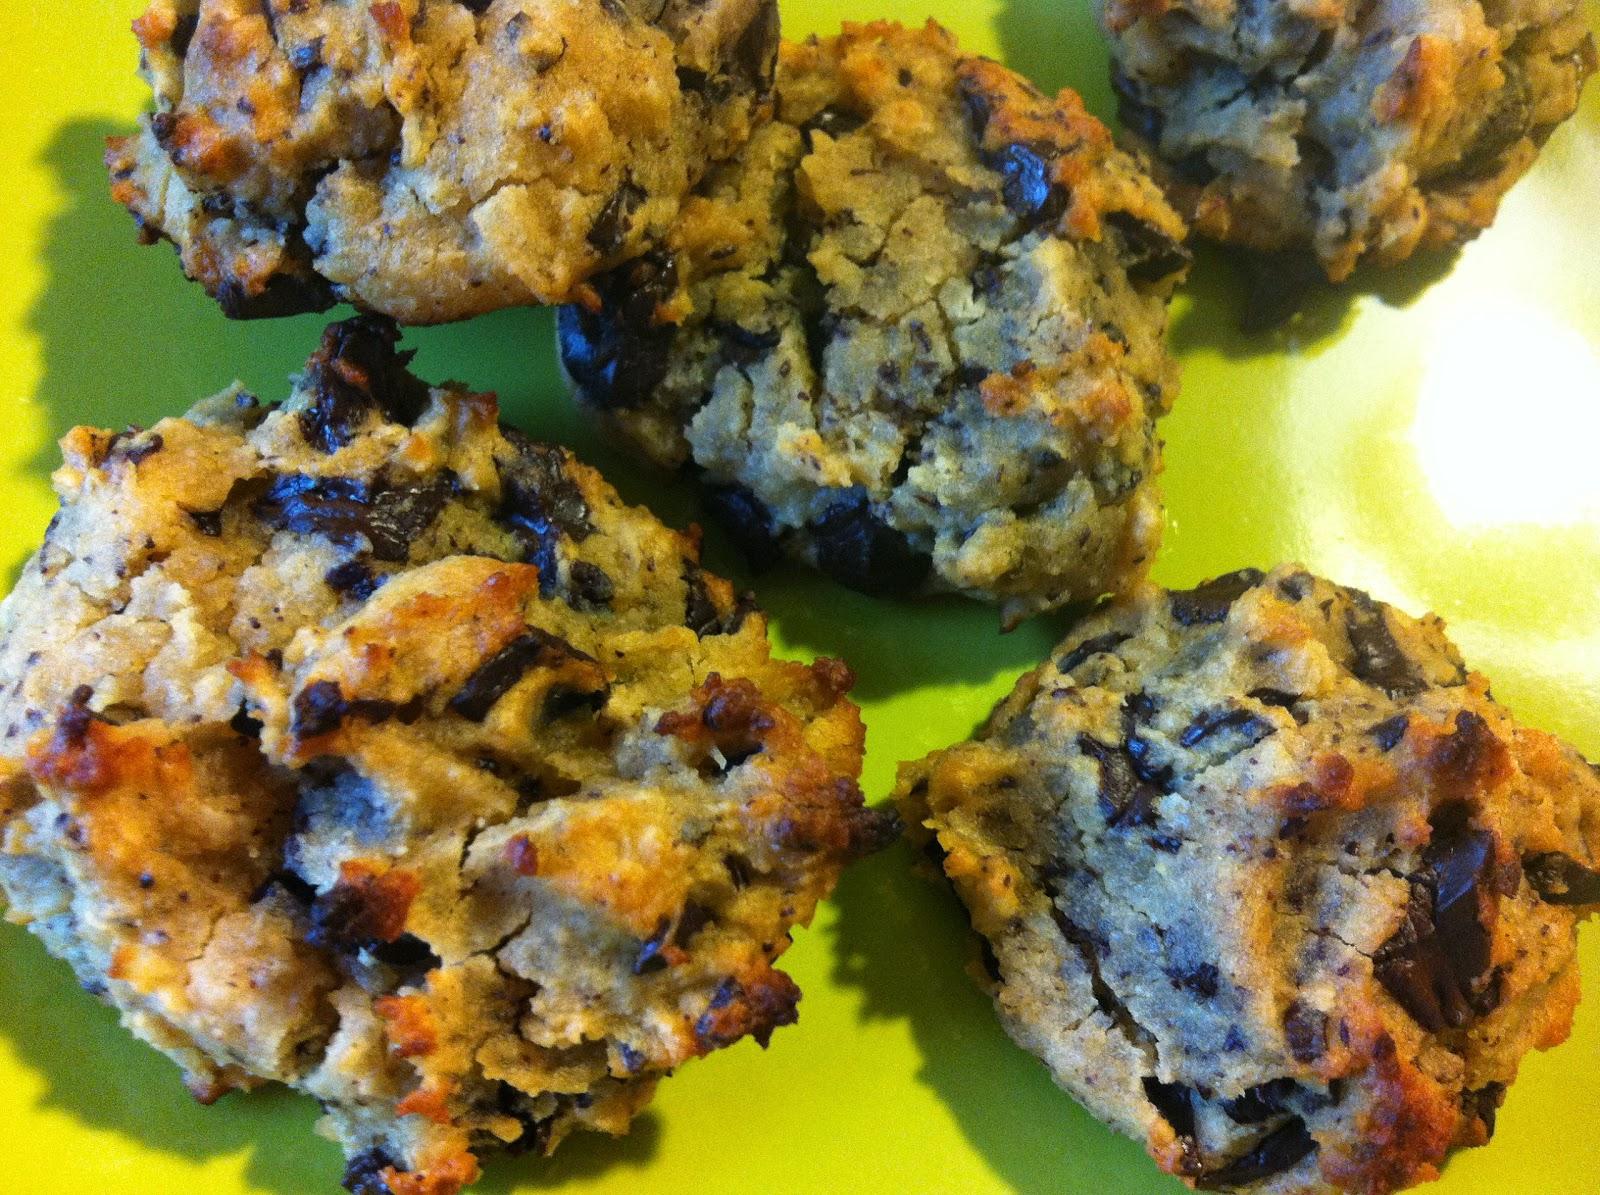 peanut butter cookies..... il pieno di proteine per un biscotto per nulla scontato